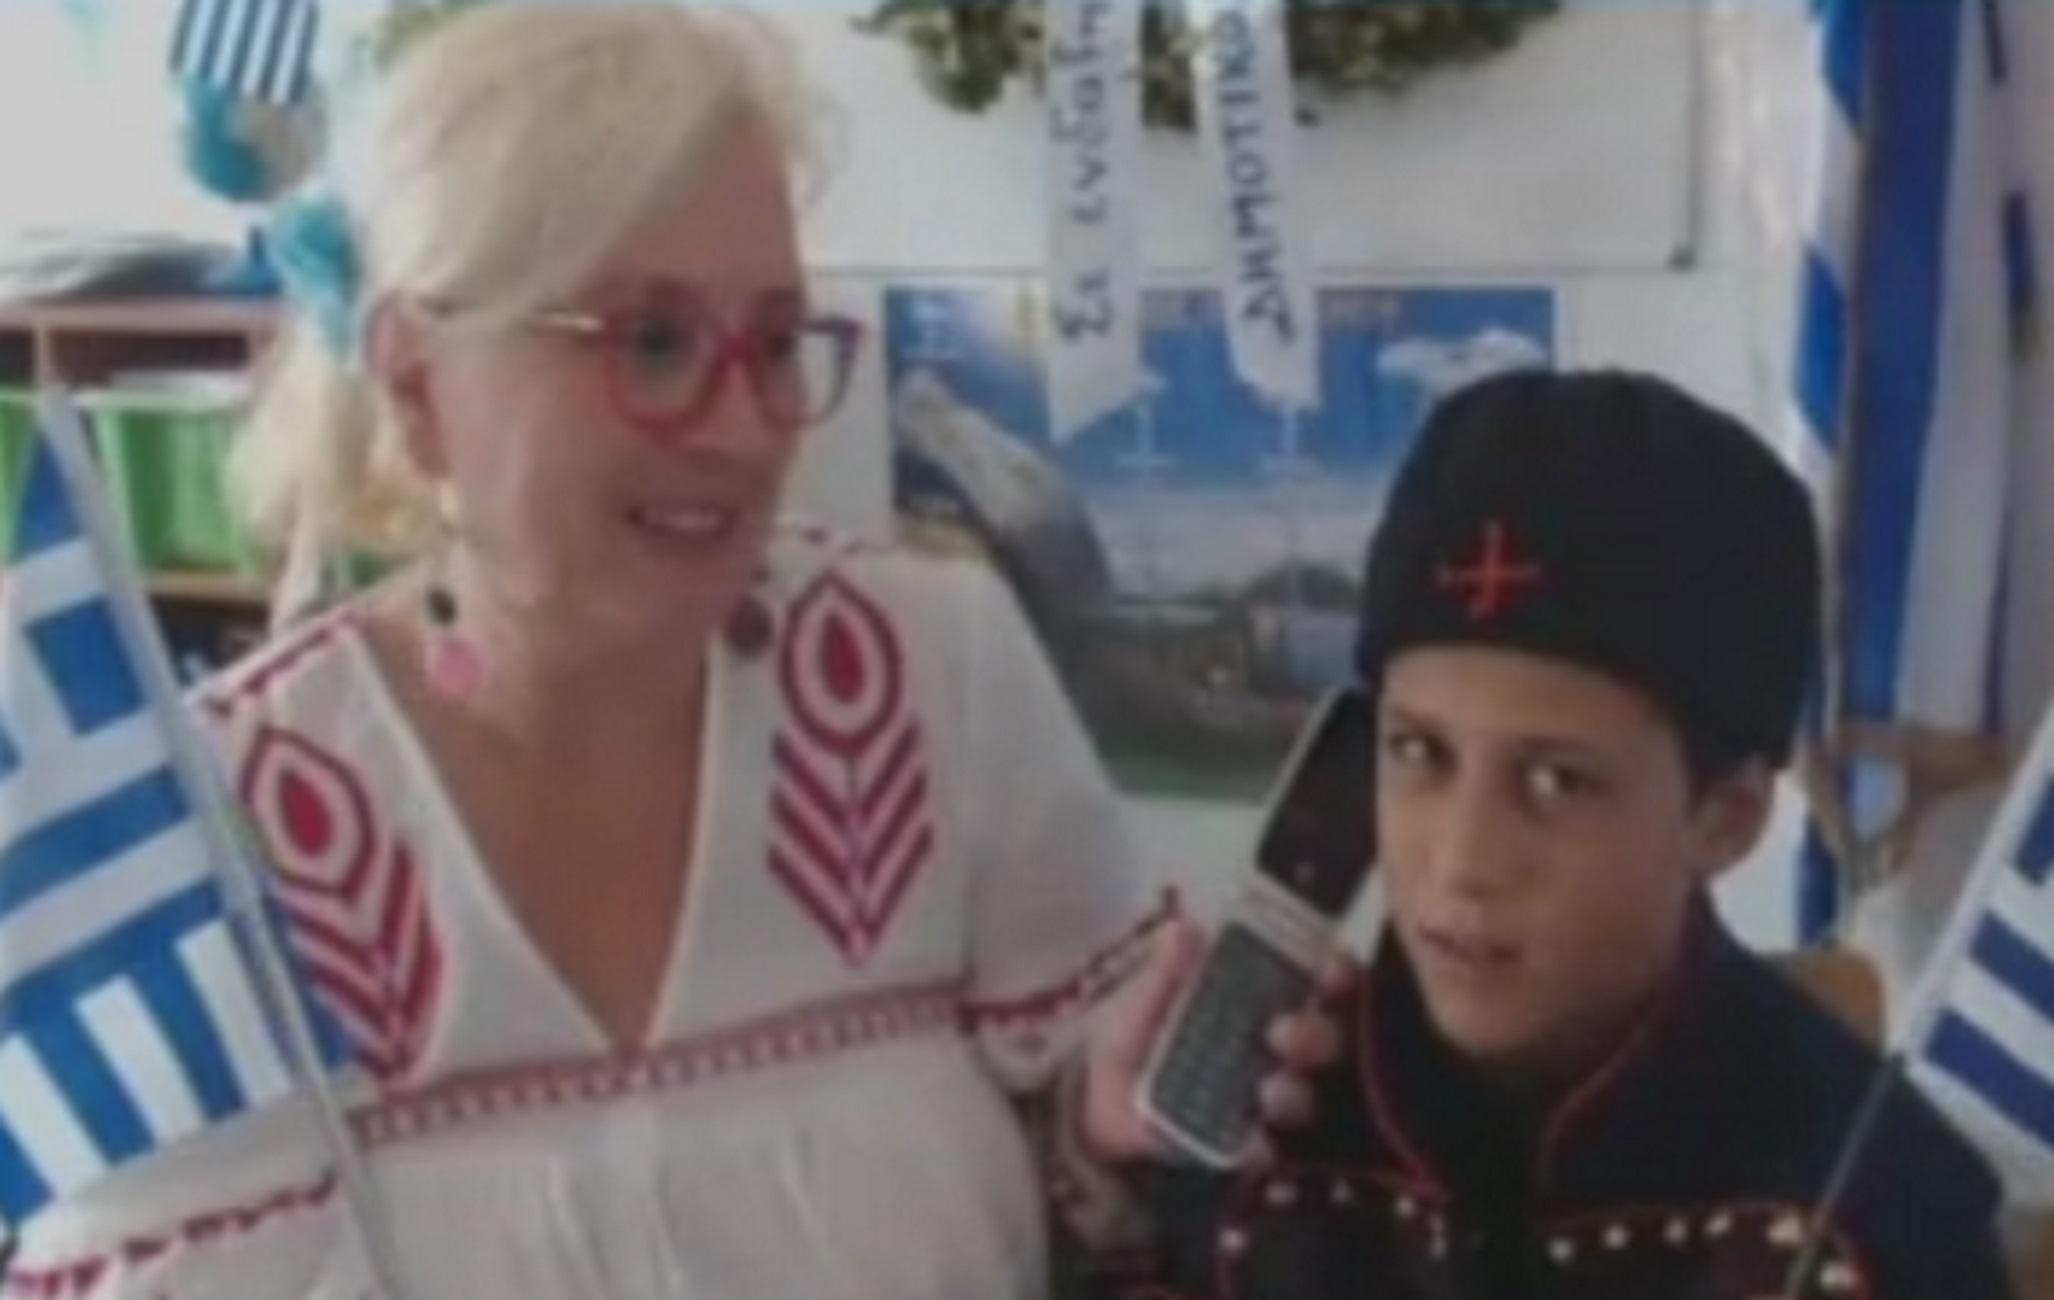 Αρκιοί: Ο μικρός Χρήστος μεγαλώνει αλλά συνεχίζει να συγκινεί! Τα λόγια του για την 28η Οκτωβρίου (Βίντεο)